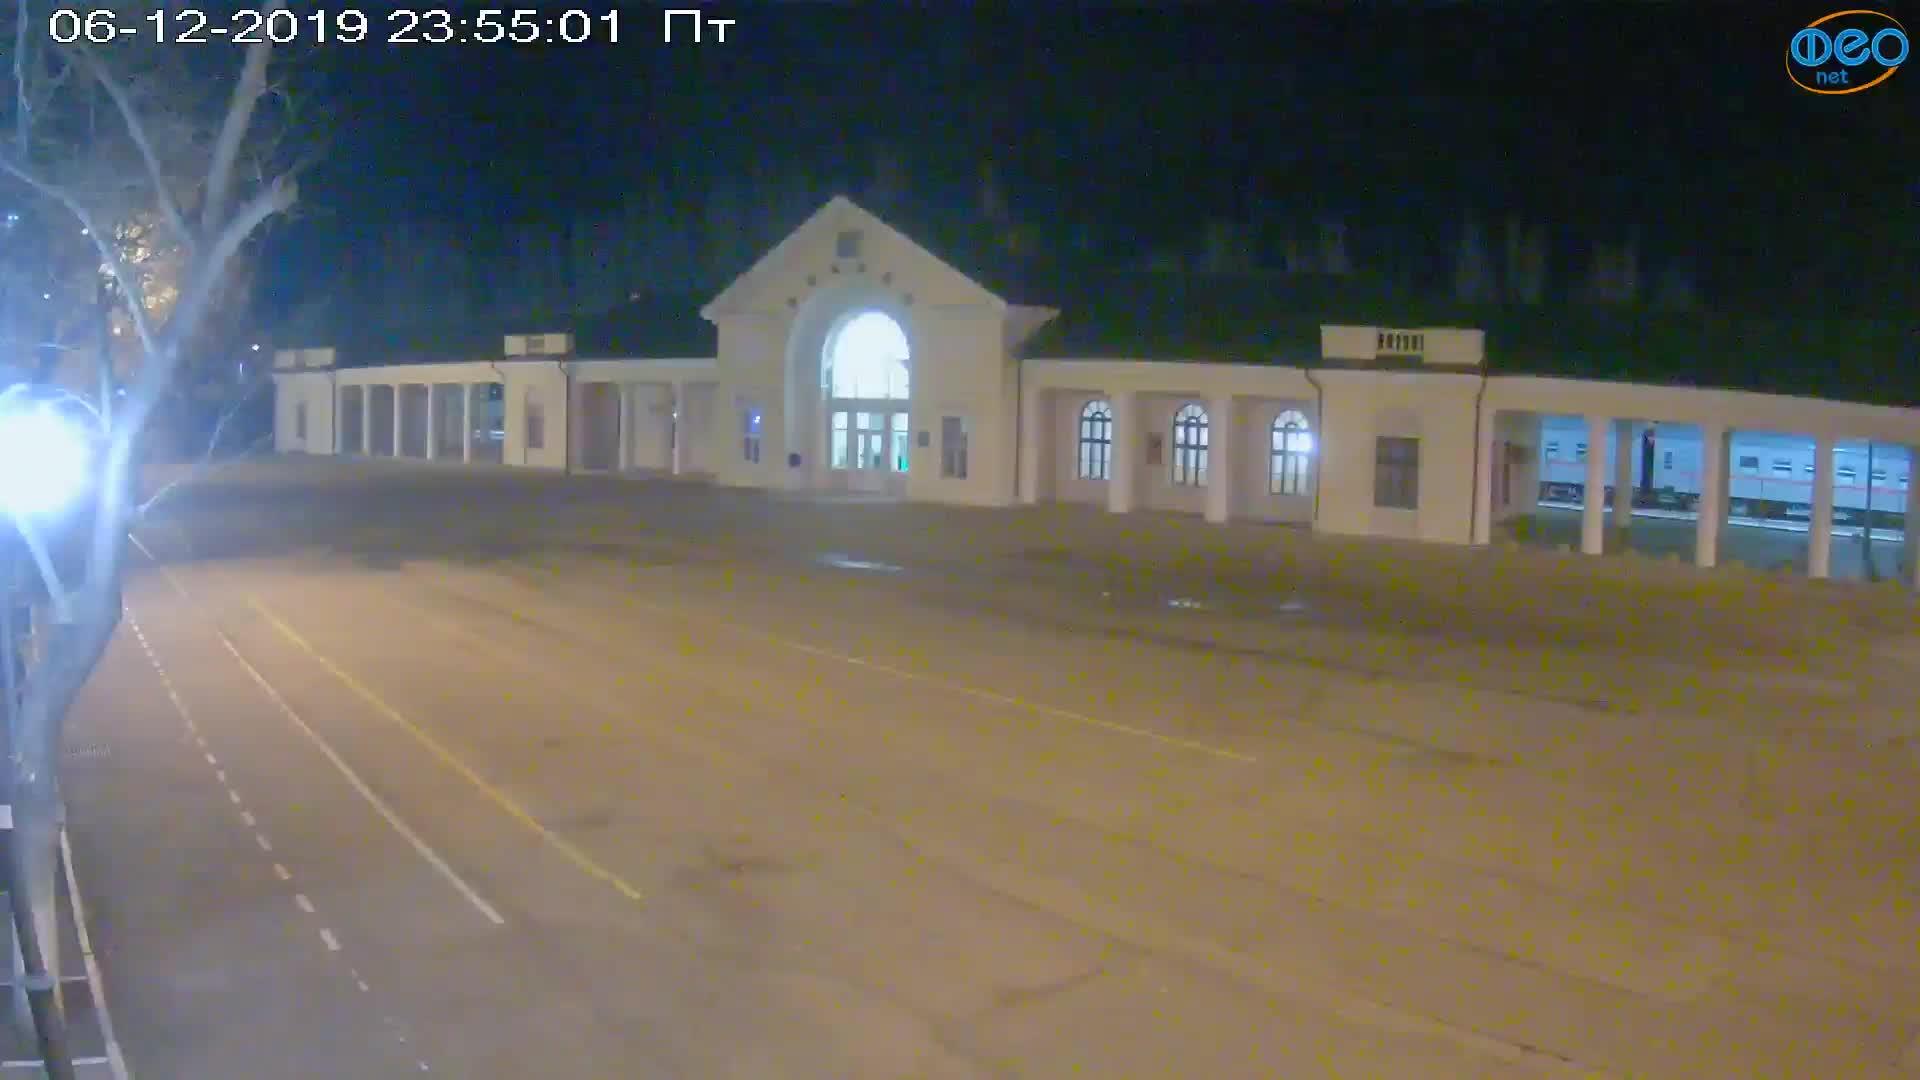 Веб-камеры Феодосии, Привокзальная площадь, 2019-12-06 23:55:19